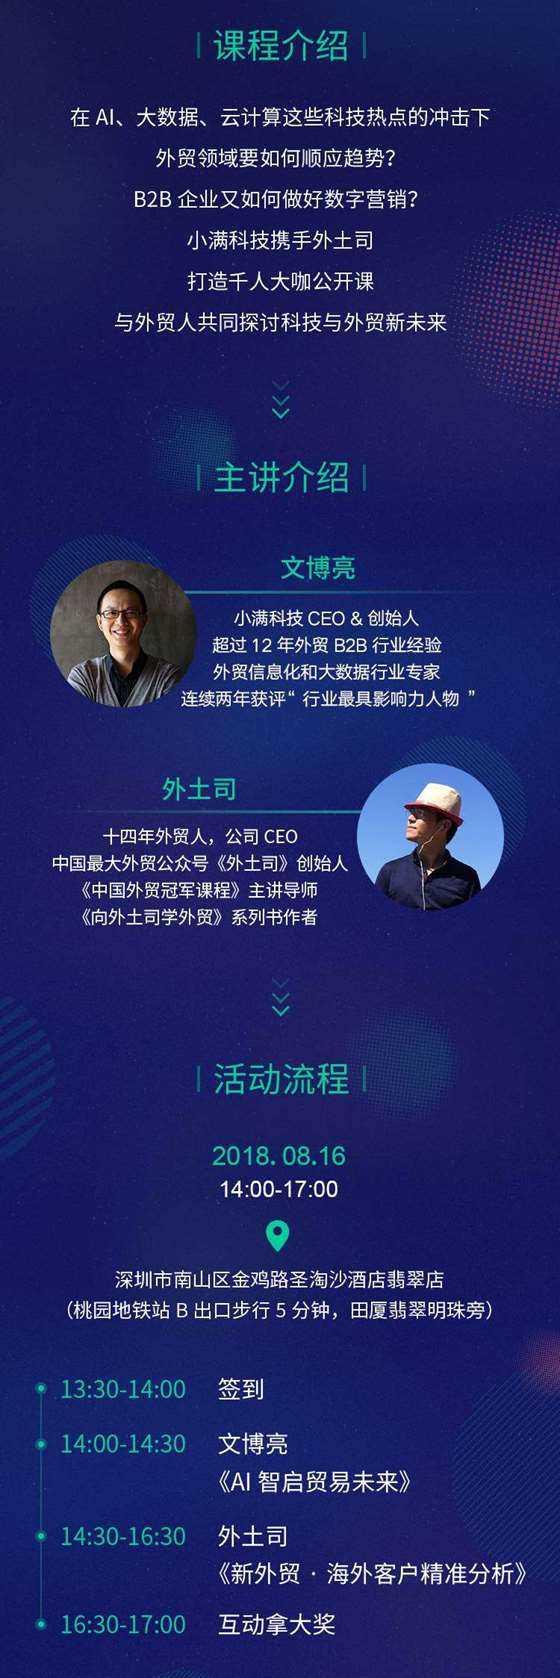 邀请卡-深圳站修改版0.jpg